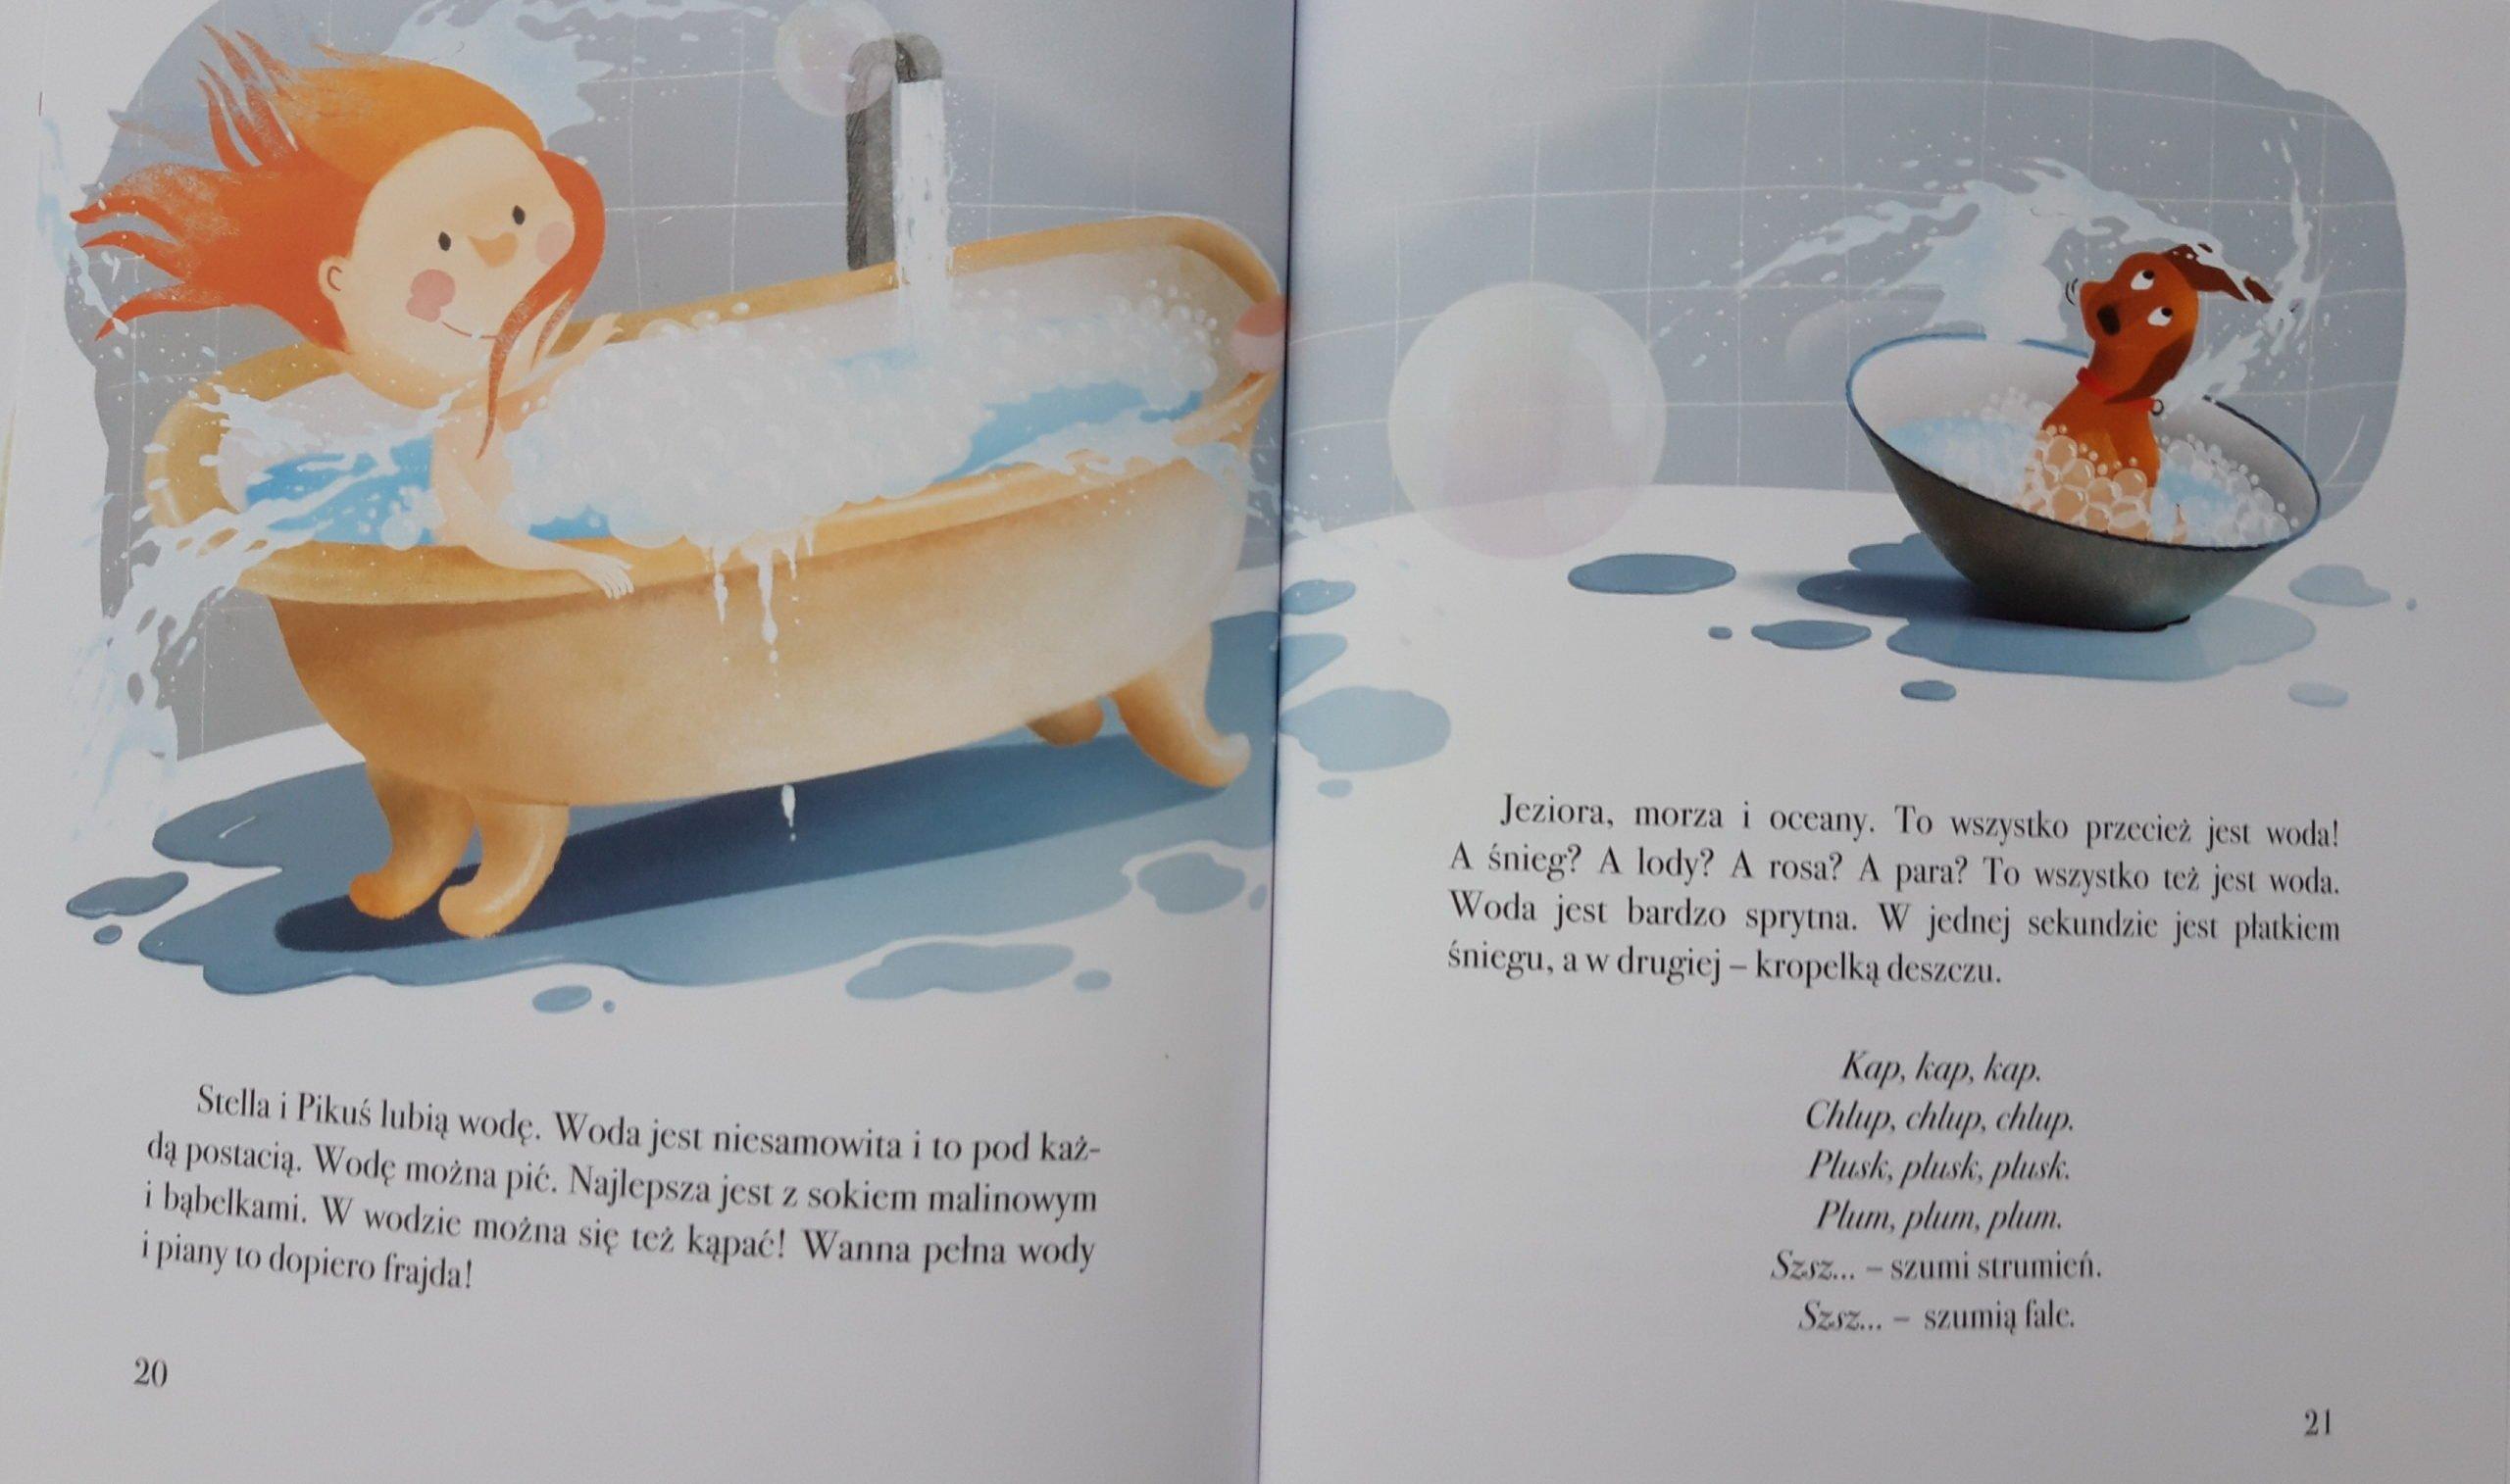 Stella pikuś książka ekologiczna dla dzieci o ochronie przyrody opinie o książce